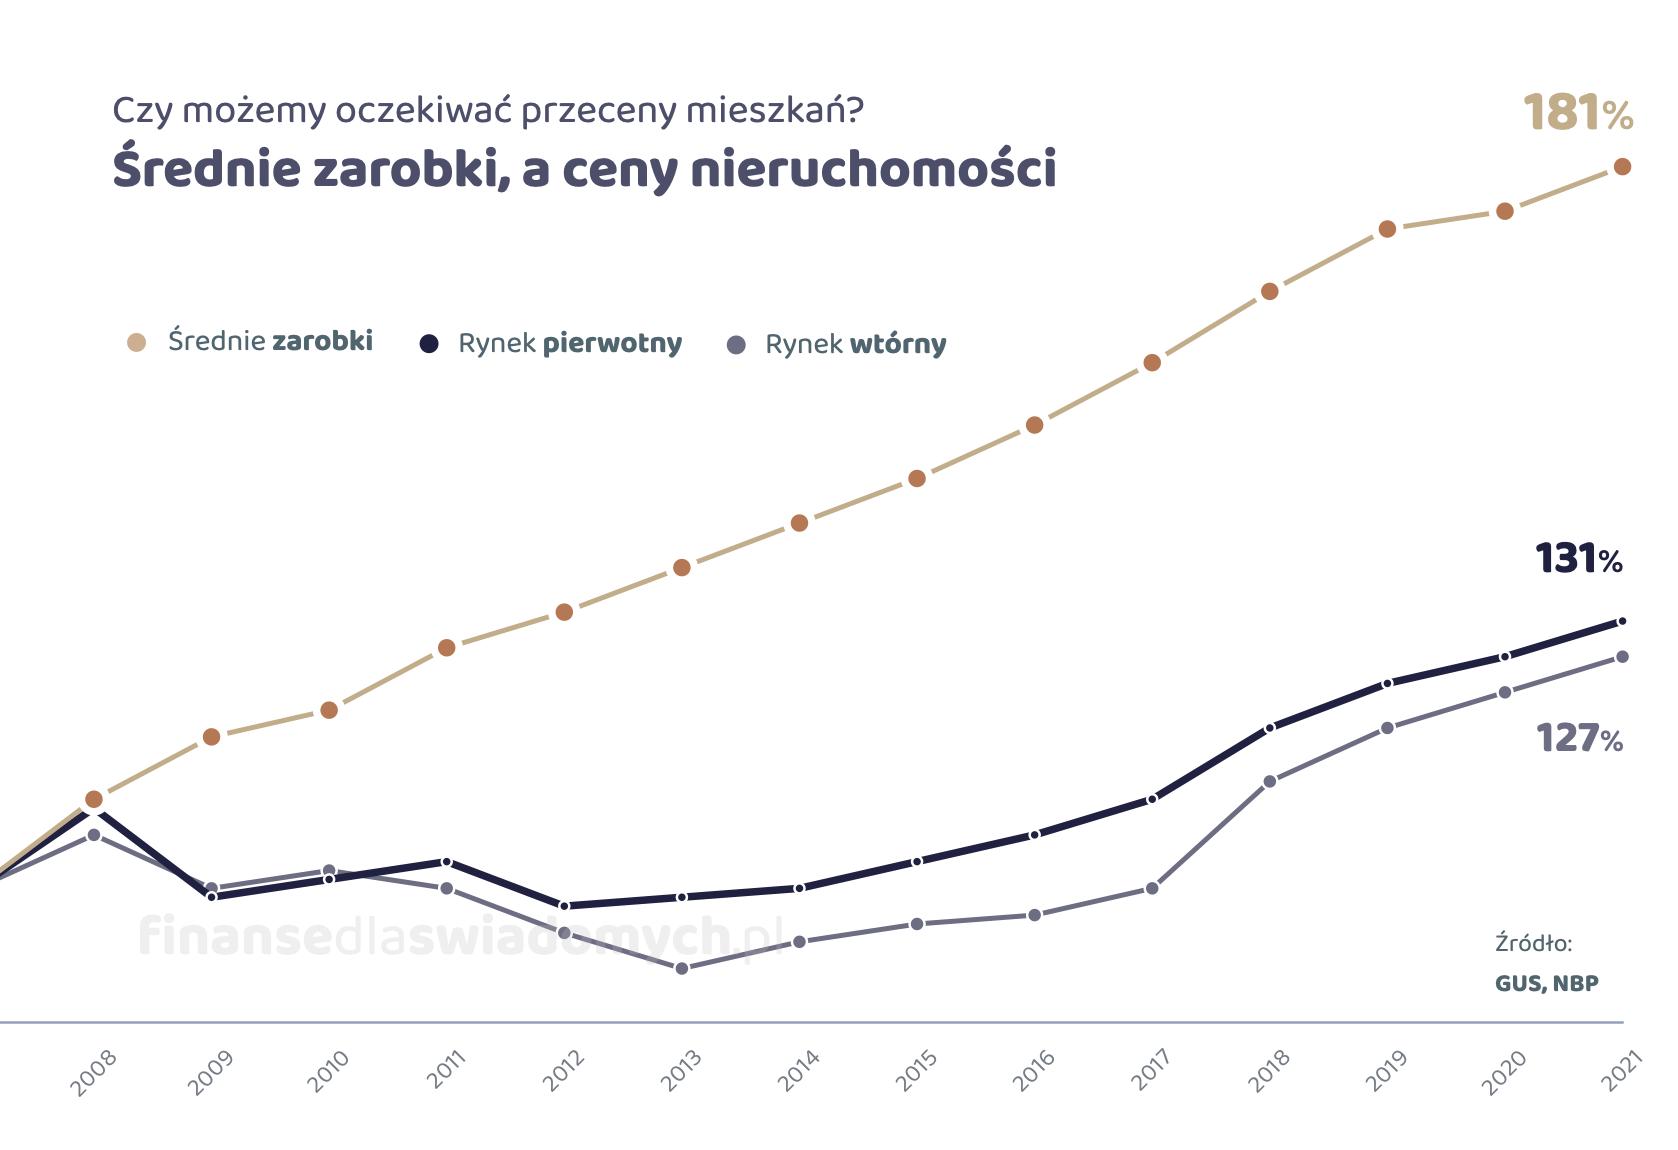 Wzrost płac a cen nieruchomości - Piotr Kruczek 2021